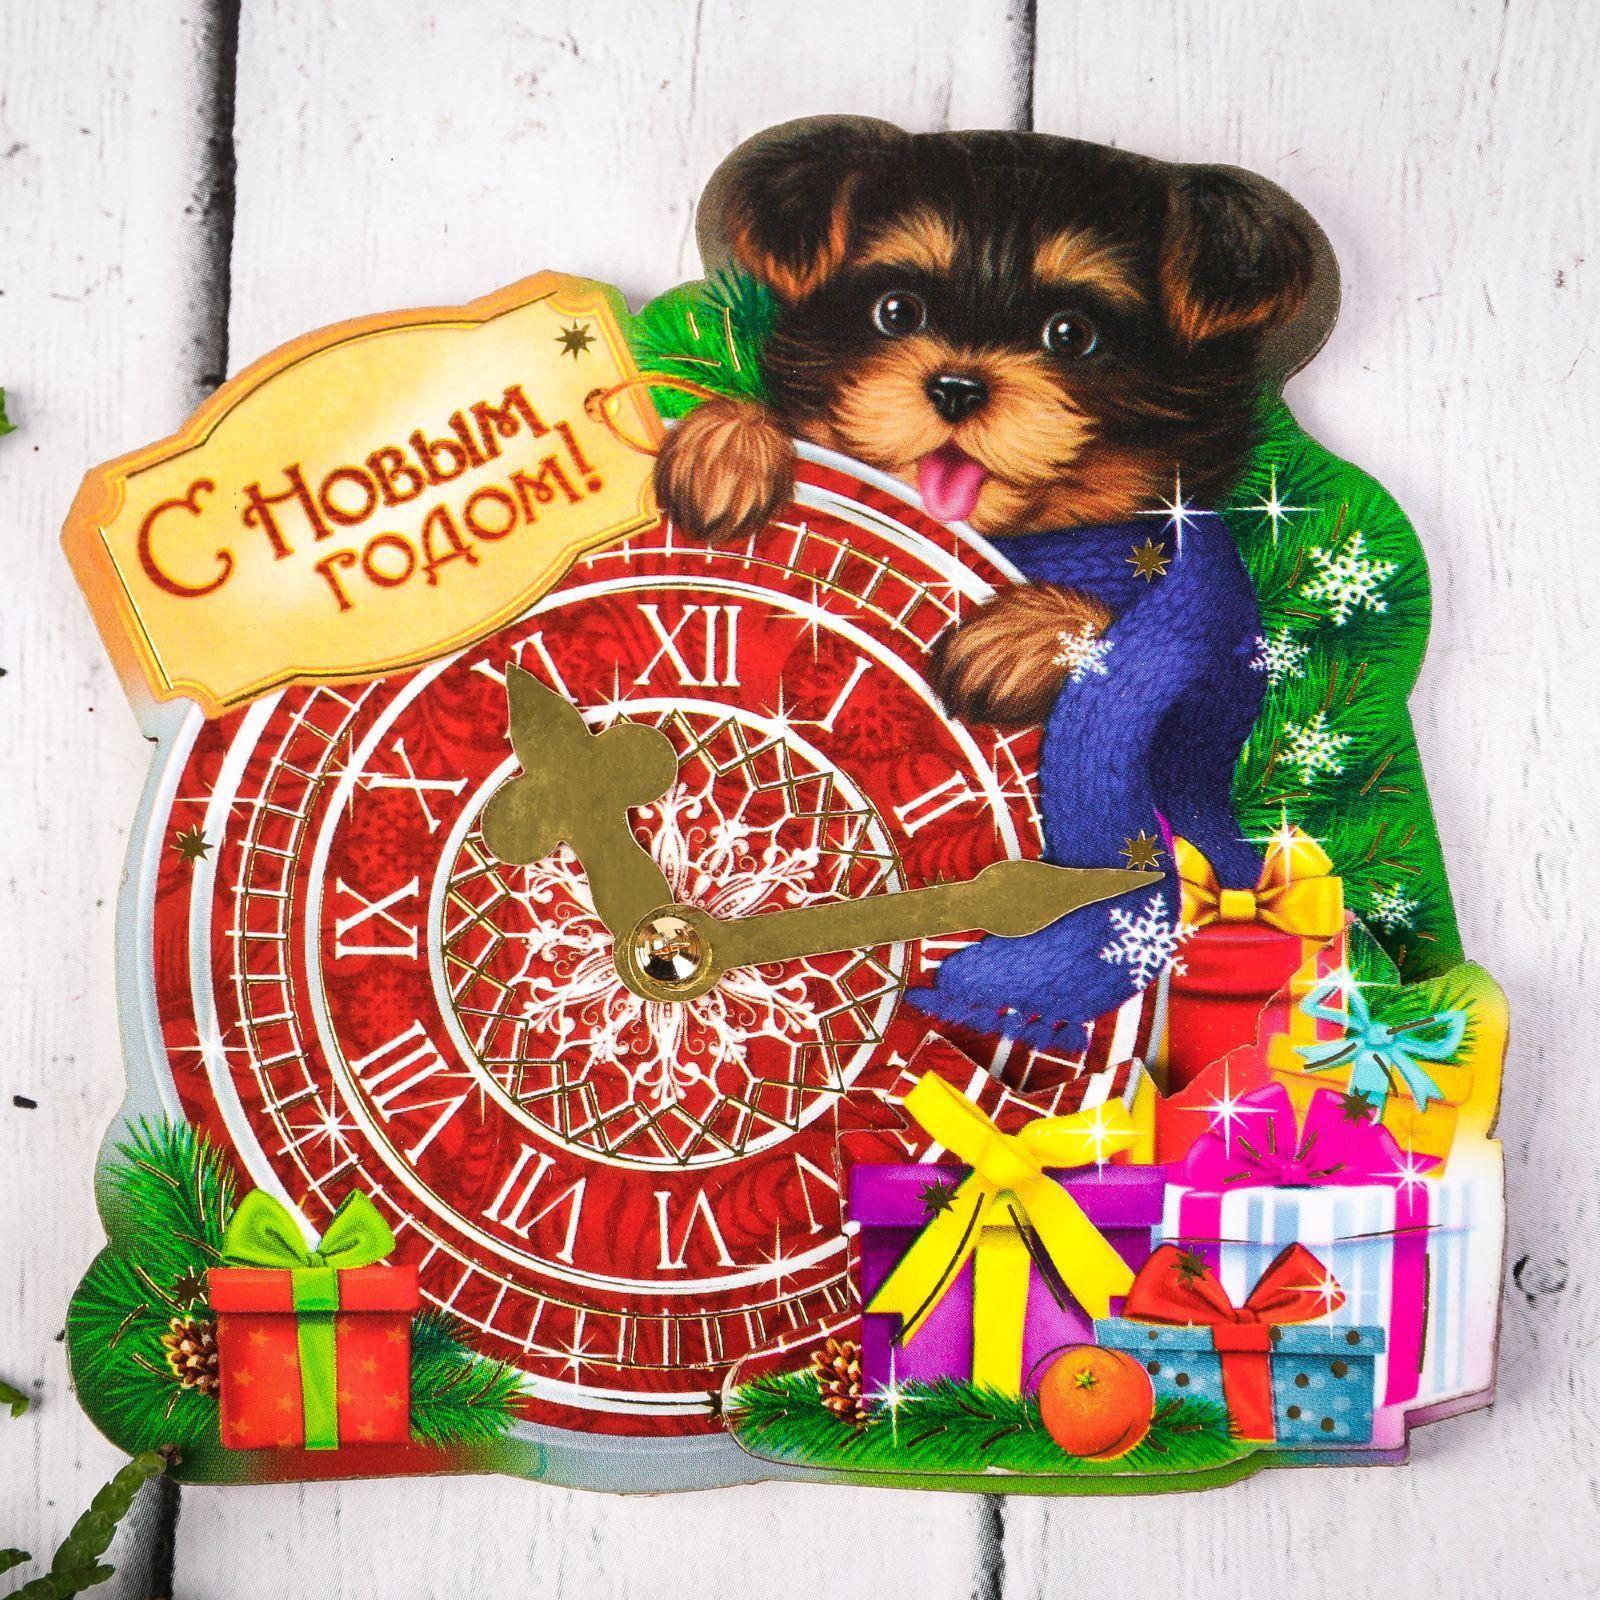 Магнит-часы Sima-land С Новым годом, 8,5 х 8,1 см1894067Порадуйте родных и близких оригинальным сувениром: преподнесите в подарок магнит. С ним даже самый серьезный человек почувствует себя ребенком, ожидающим чудо! Прикрепите его к любой металлической поверхности, и он удержит на виду важные записки, любовные послания или просто список продуктов.Создайте праздничное настроение, и оно останется с вами на весь год.